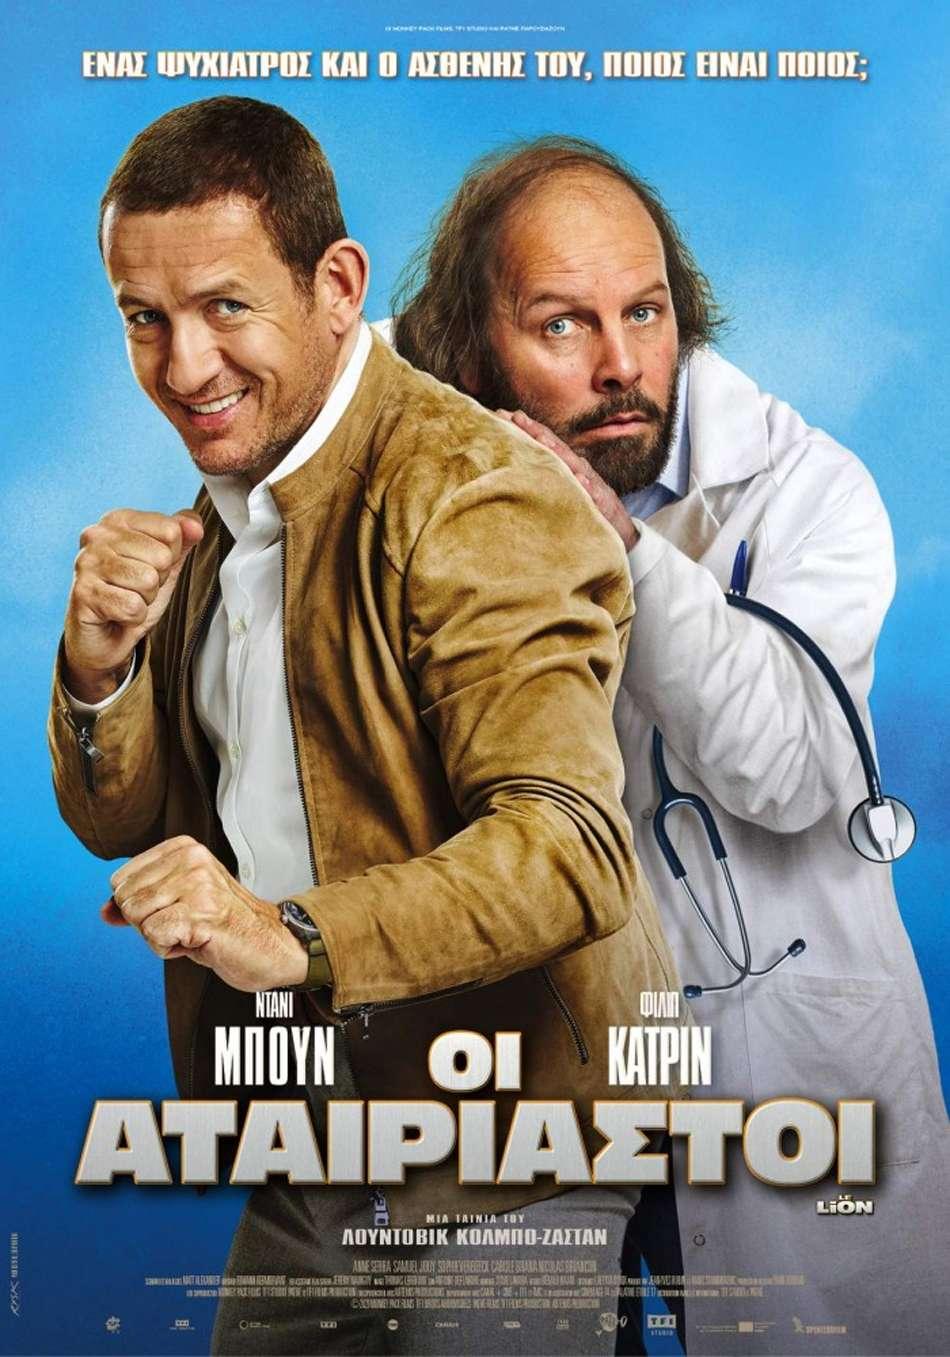 Οι Αταίριαστοι (Le Lion) Poster